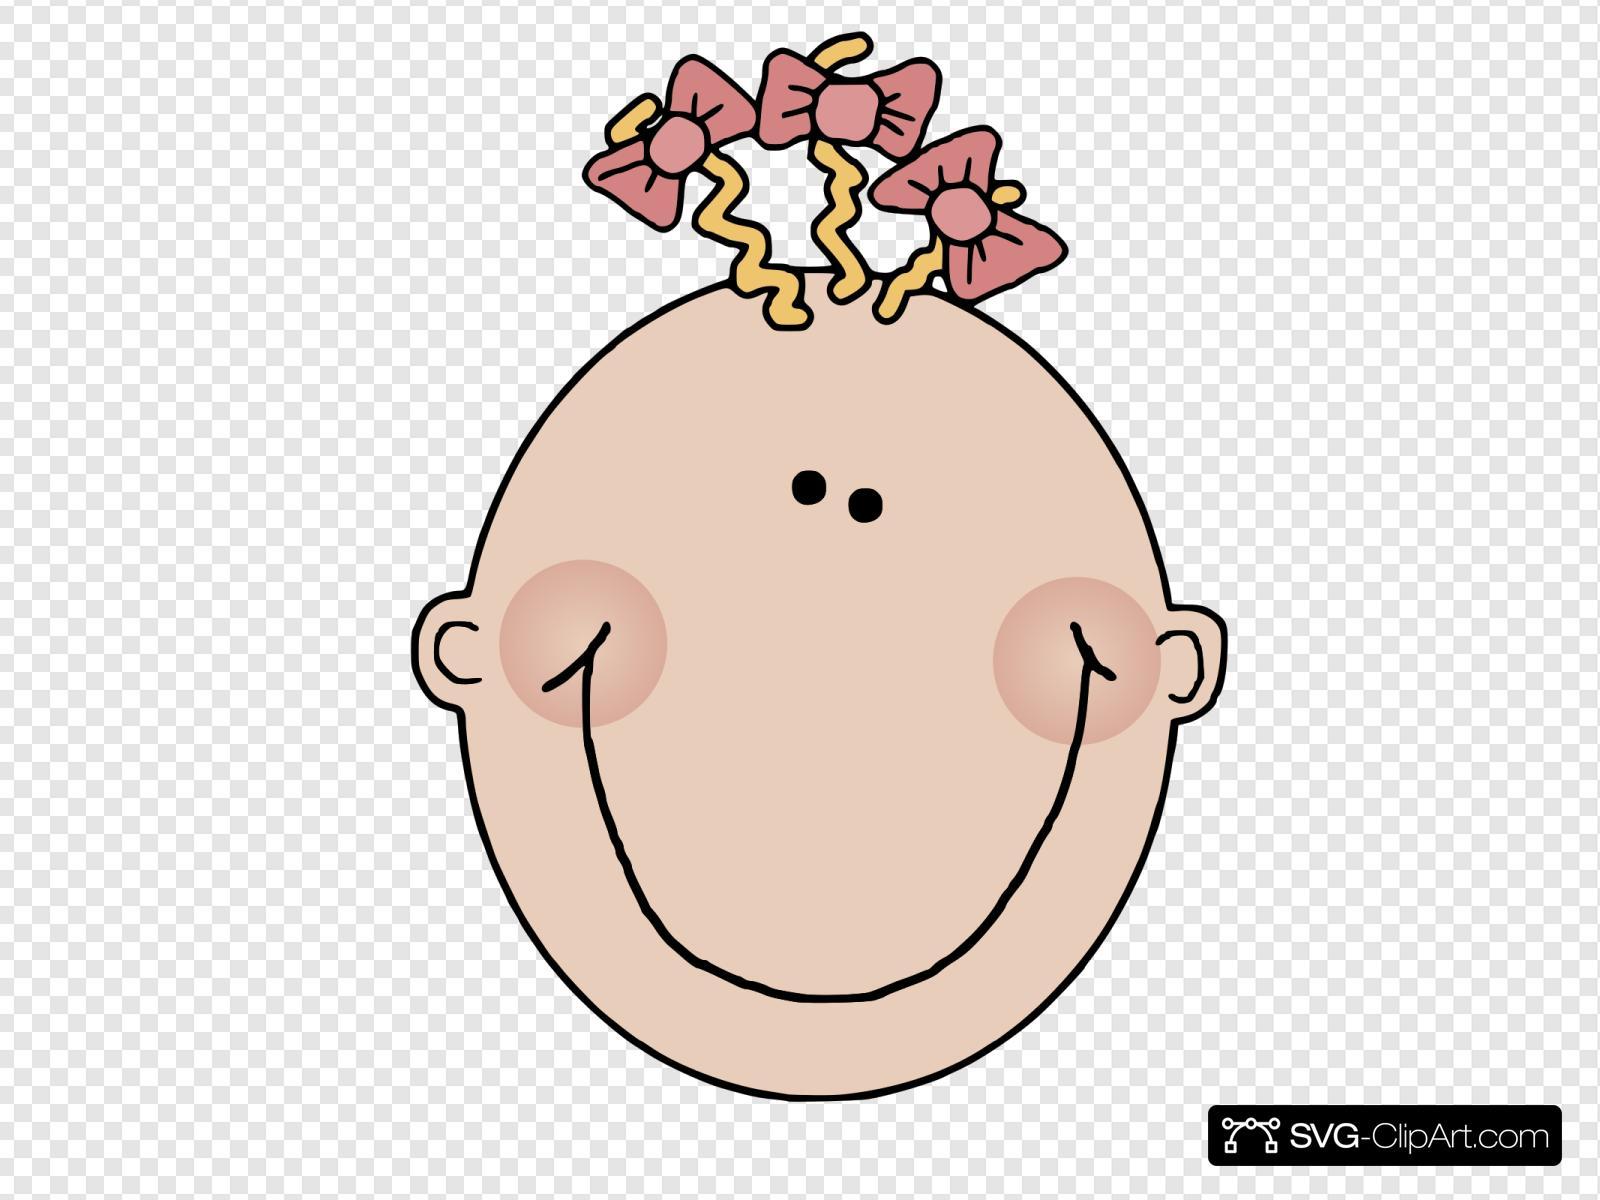 Cartoon Baby Girl Face Svg Vector Cartoon Baby Girl Face Clip Art Svg Clipart